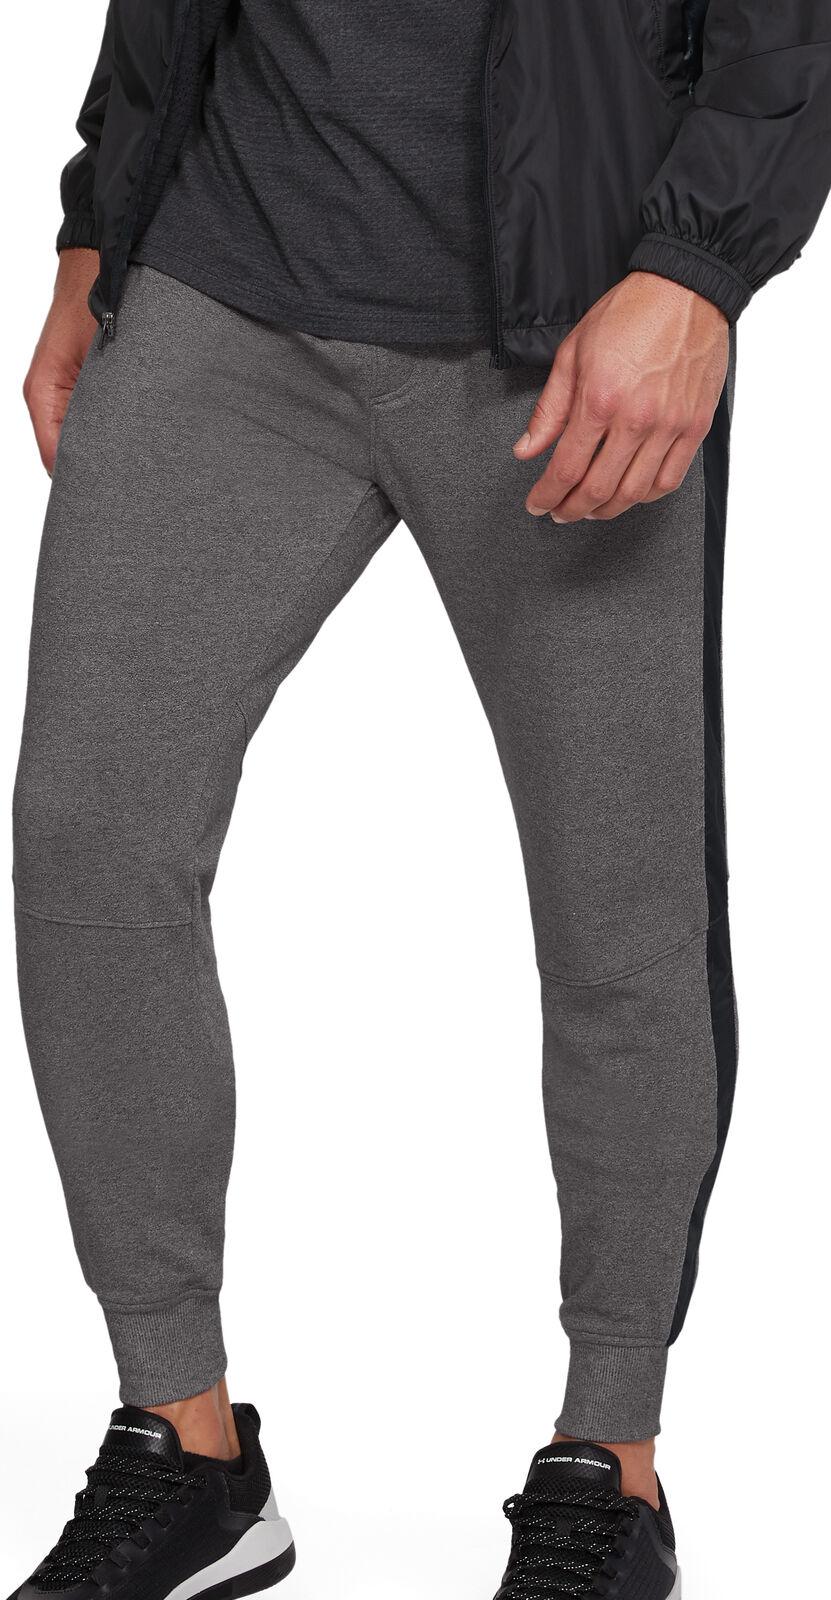 Pantalón deportivo  para hombre Debajo de armadura threadborne-gris  Nuevos productos de artículos novedosos.